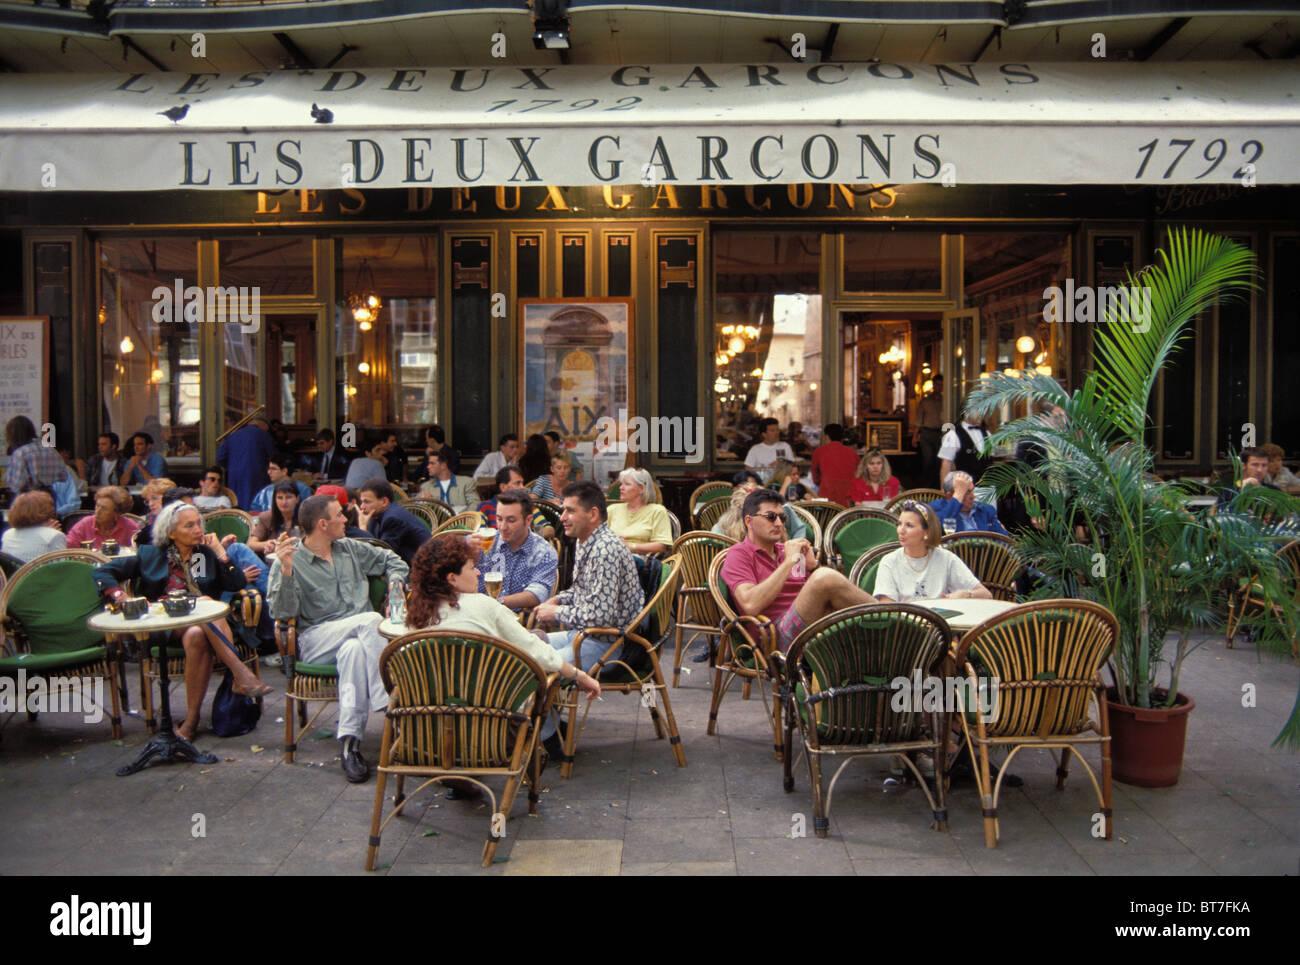 Bouches du rh ne frankreich aix en provence cours mirabeau cafe les deux gar ons stockfoto - Cours de cuisine bouches du rhone ...